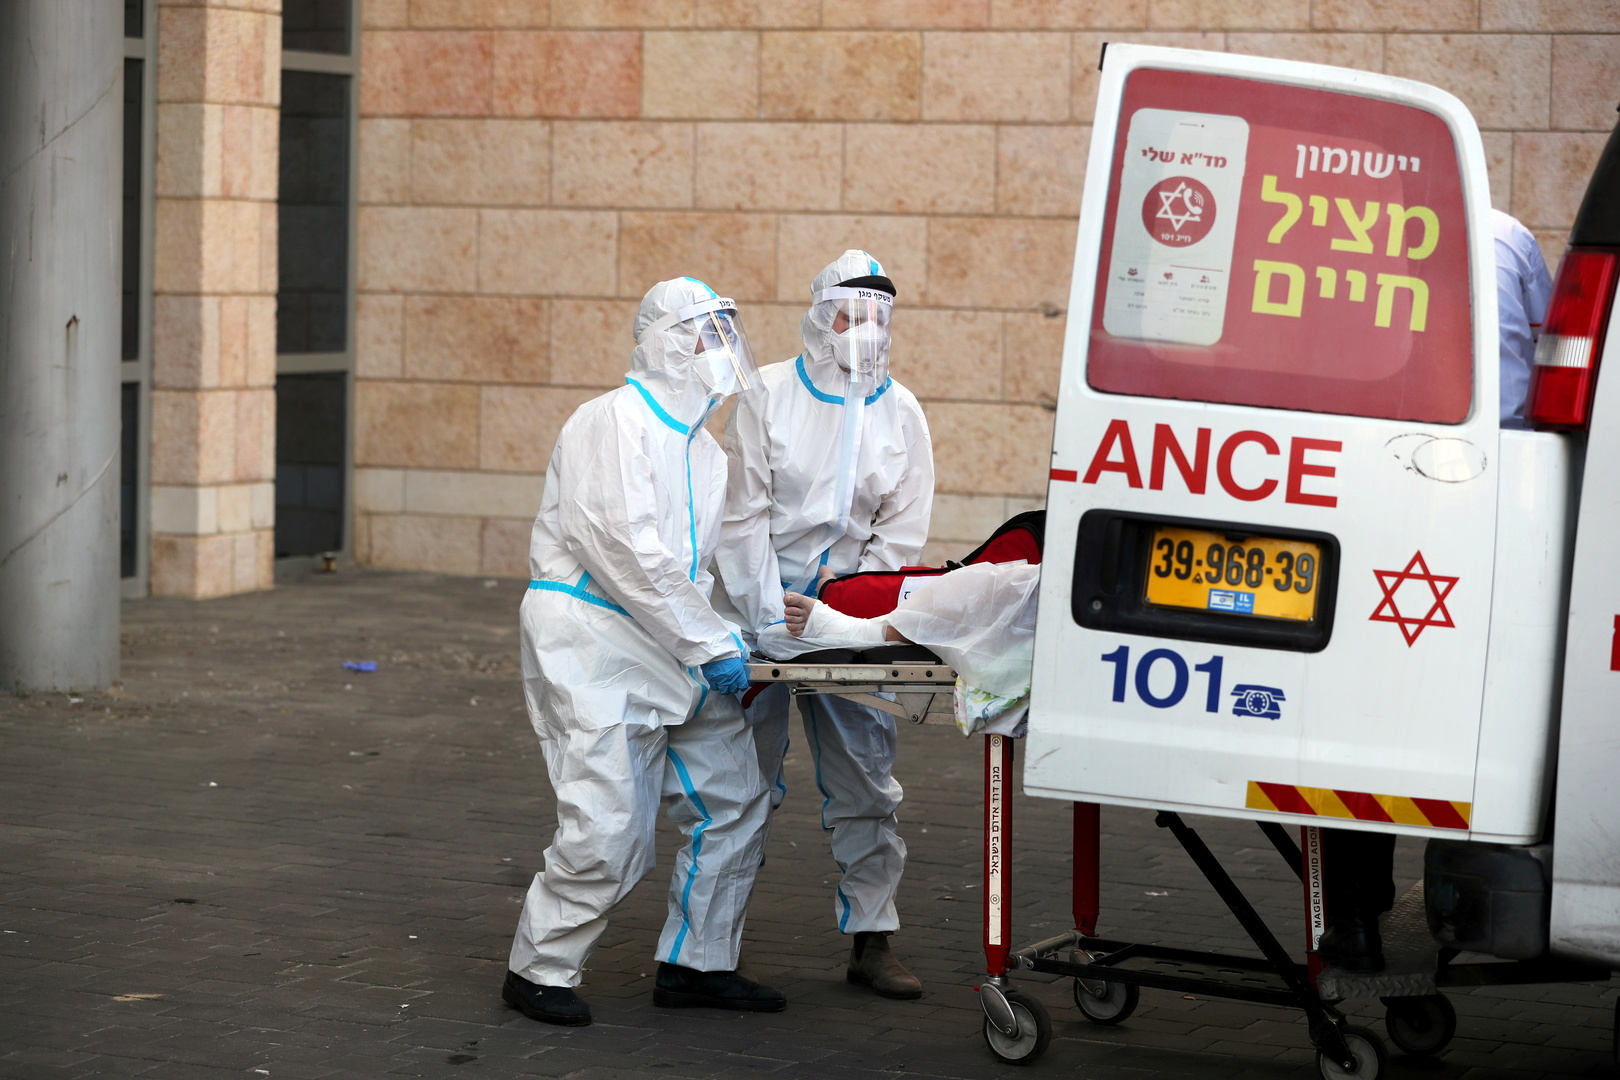 استمرار ارتفاع عدد الإصابات بكورونا في إسرائيل مع تواصل حملة التطعيم